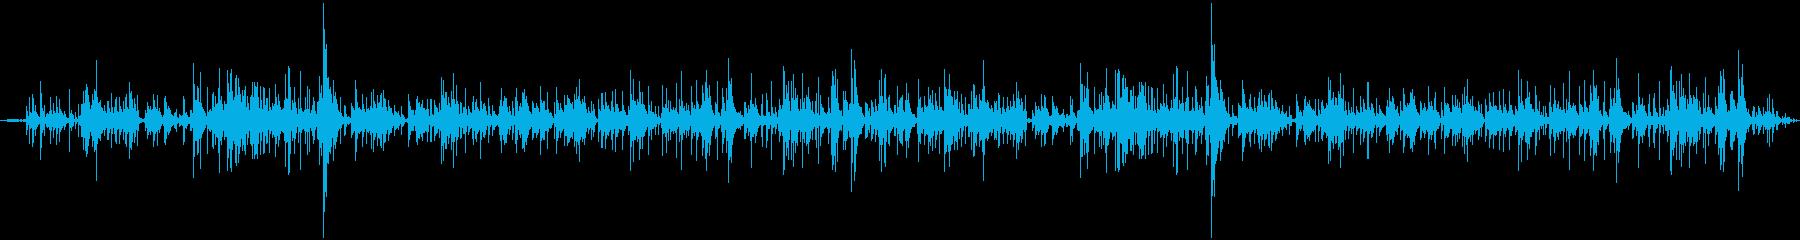 セラミックウィンドチャイム:一定の...の再生済みの波形